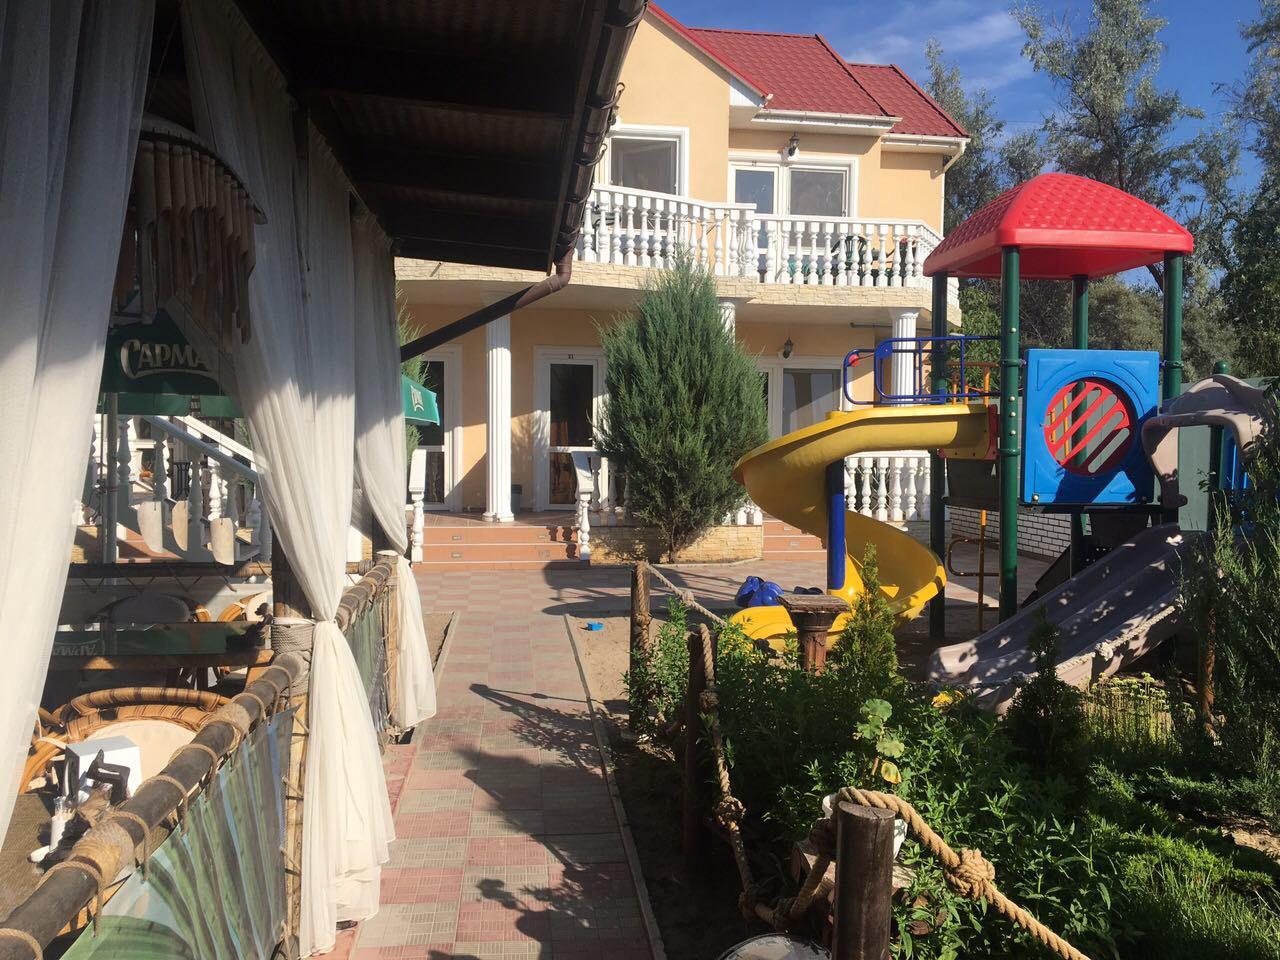 Базы отдыха в Белгороде адреса фото отзывы цены Дома